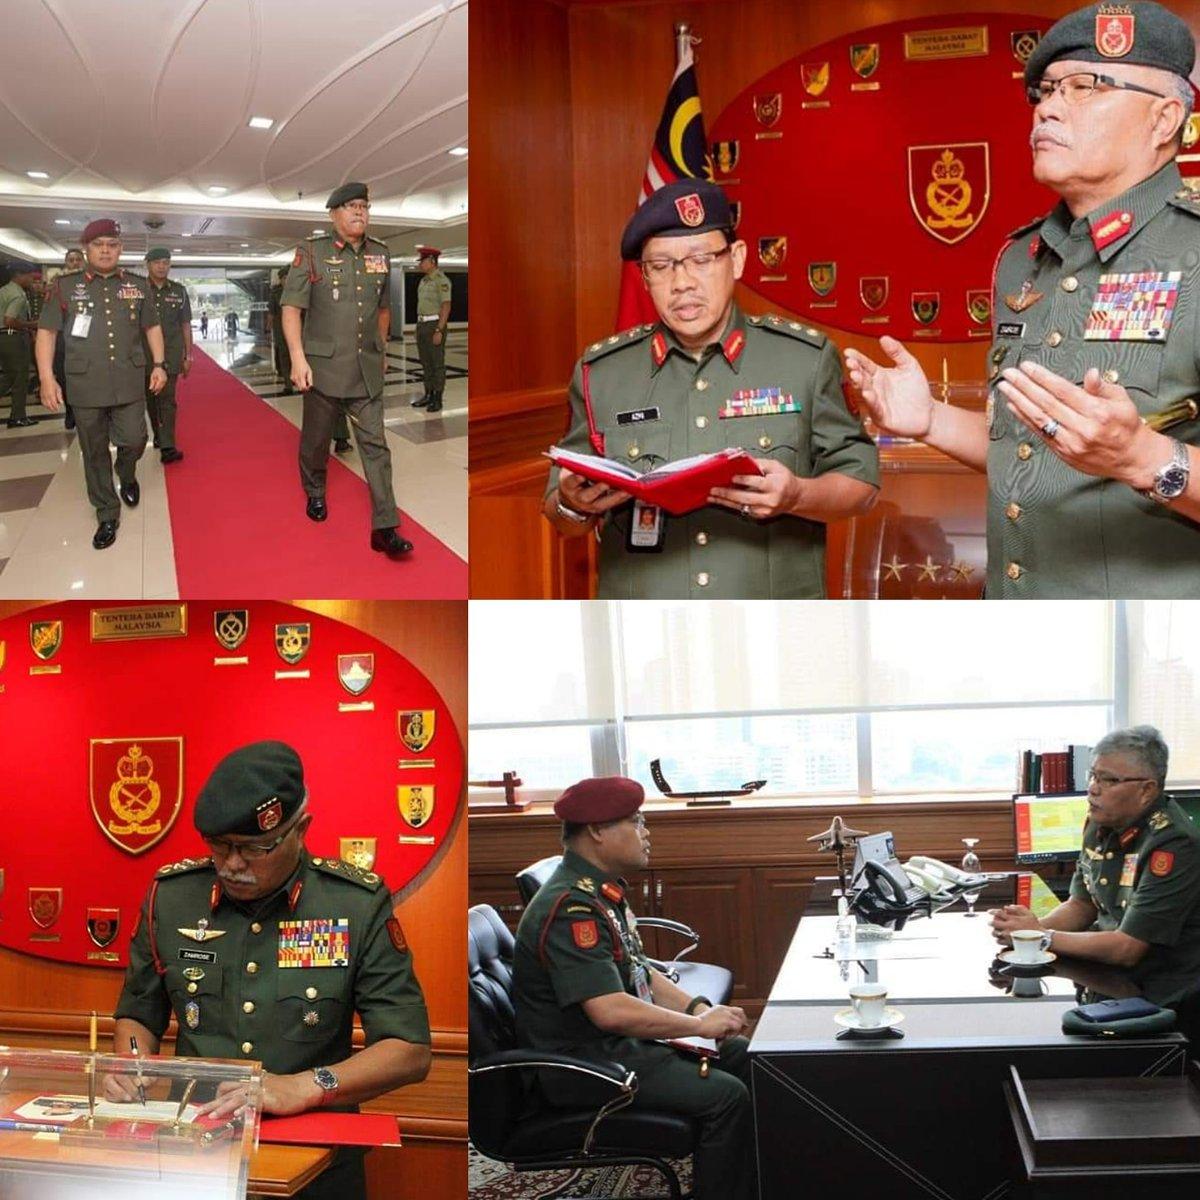 Jeneral Datuk Zamrose bin Mohd Zain secara rasminya memulakan tugas sebagai Panglima Tentera Darat Ke-28 di Wisma Pertahanan pada 12 Jun 20 setelah mengambil alih tampuk pemerintahan dari Jeneral Tan Sri Dato' Seri Panglima Haji Ahmad Hasbullah bin Haji Mohd Nawawi pada 11 Jun 20 https://t.co/g1aLQrve6c